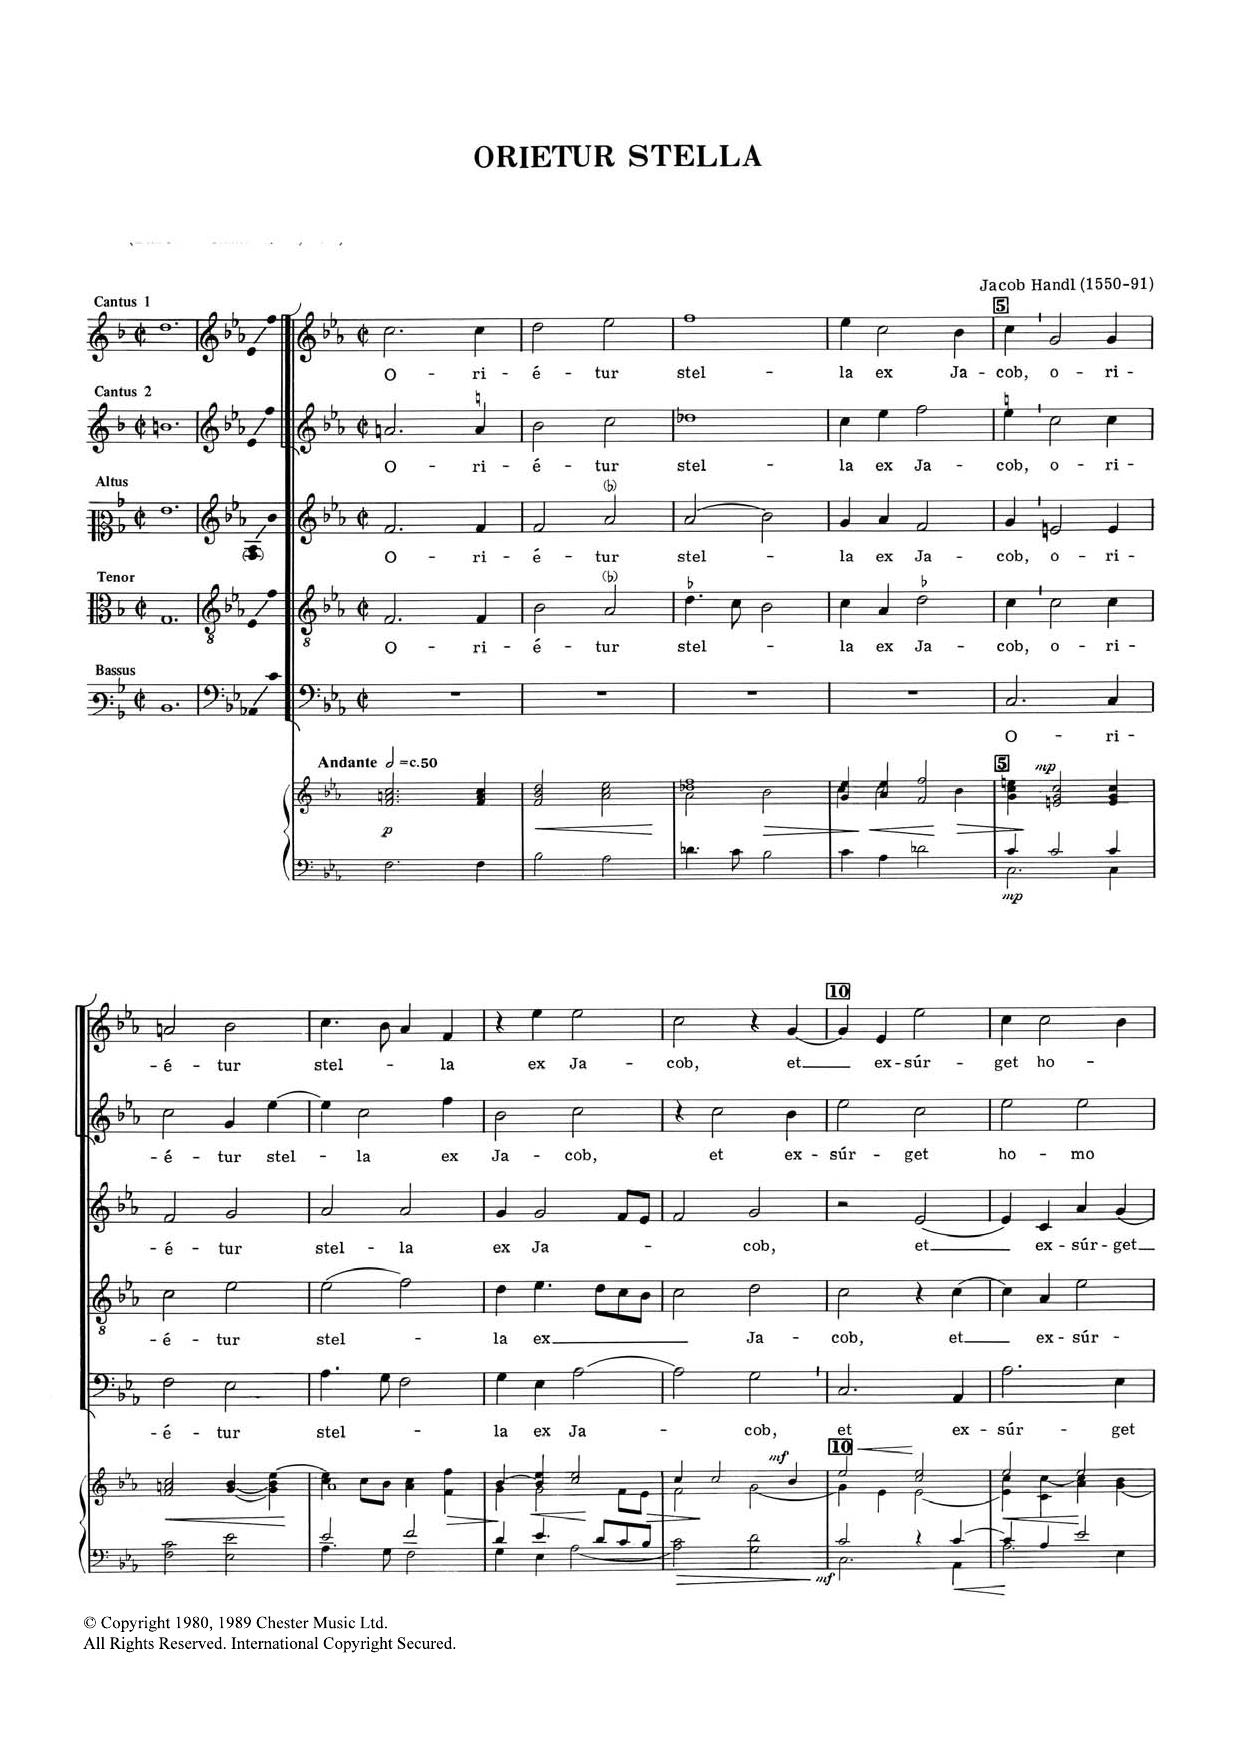 Orietur Stella Sheet Music